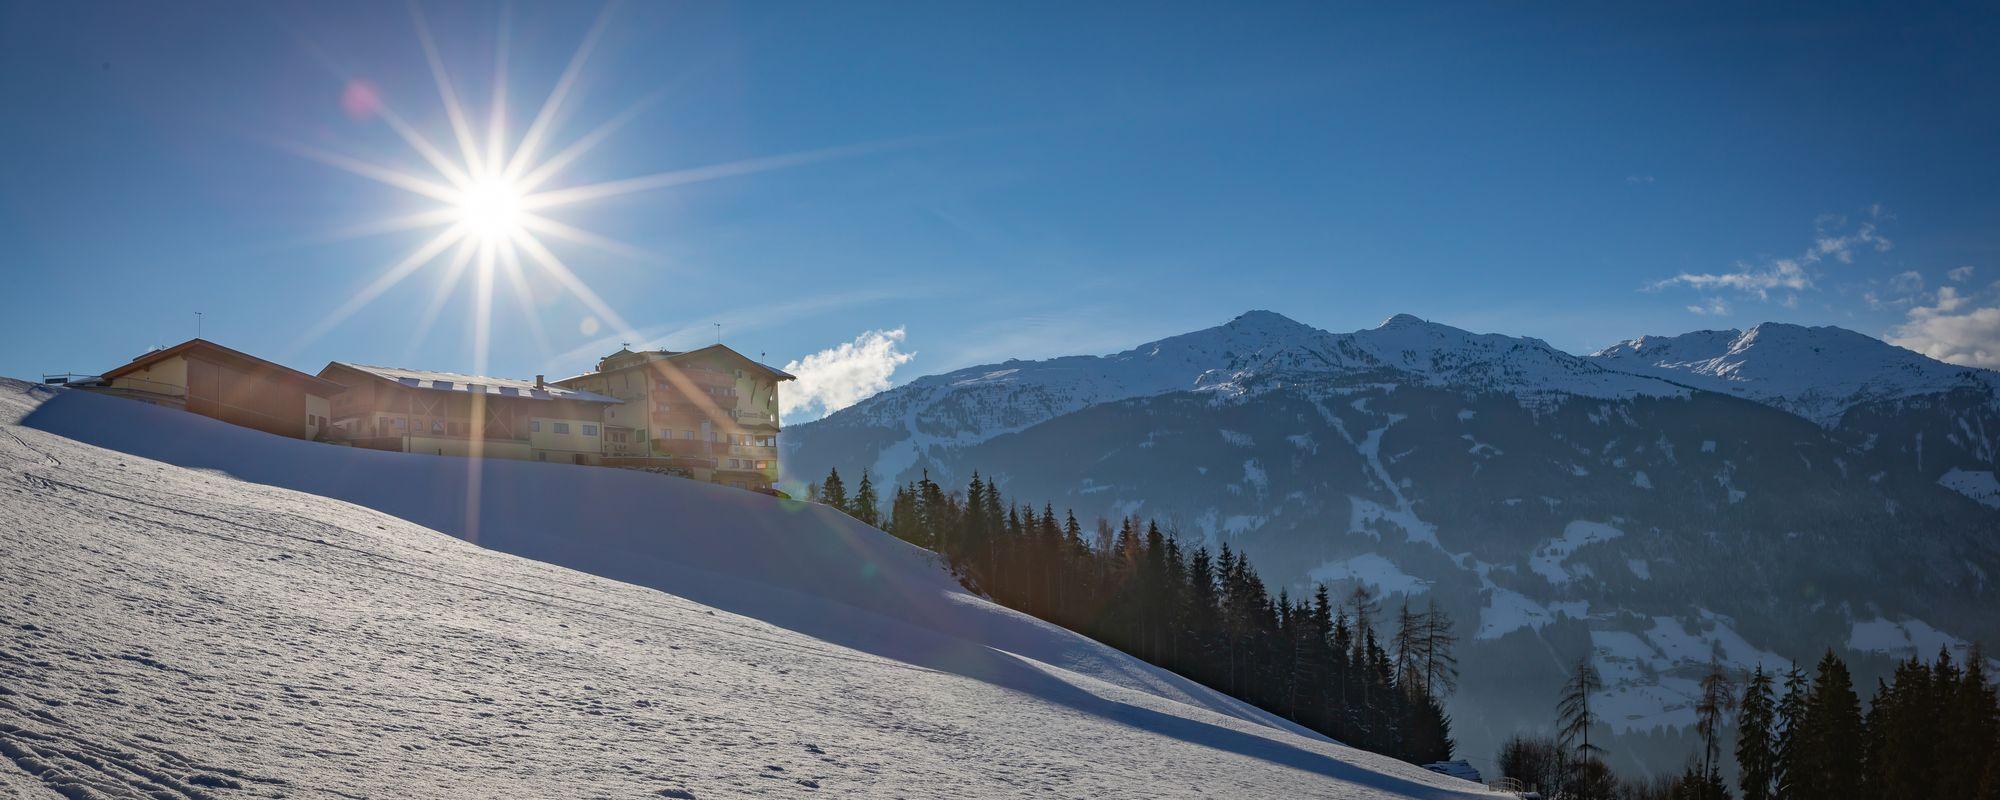 Blick hinauf zum Alpengasthof Tannenalm über schneebedecktes Feld, Sonne dahinter hoch am Himmel